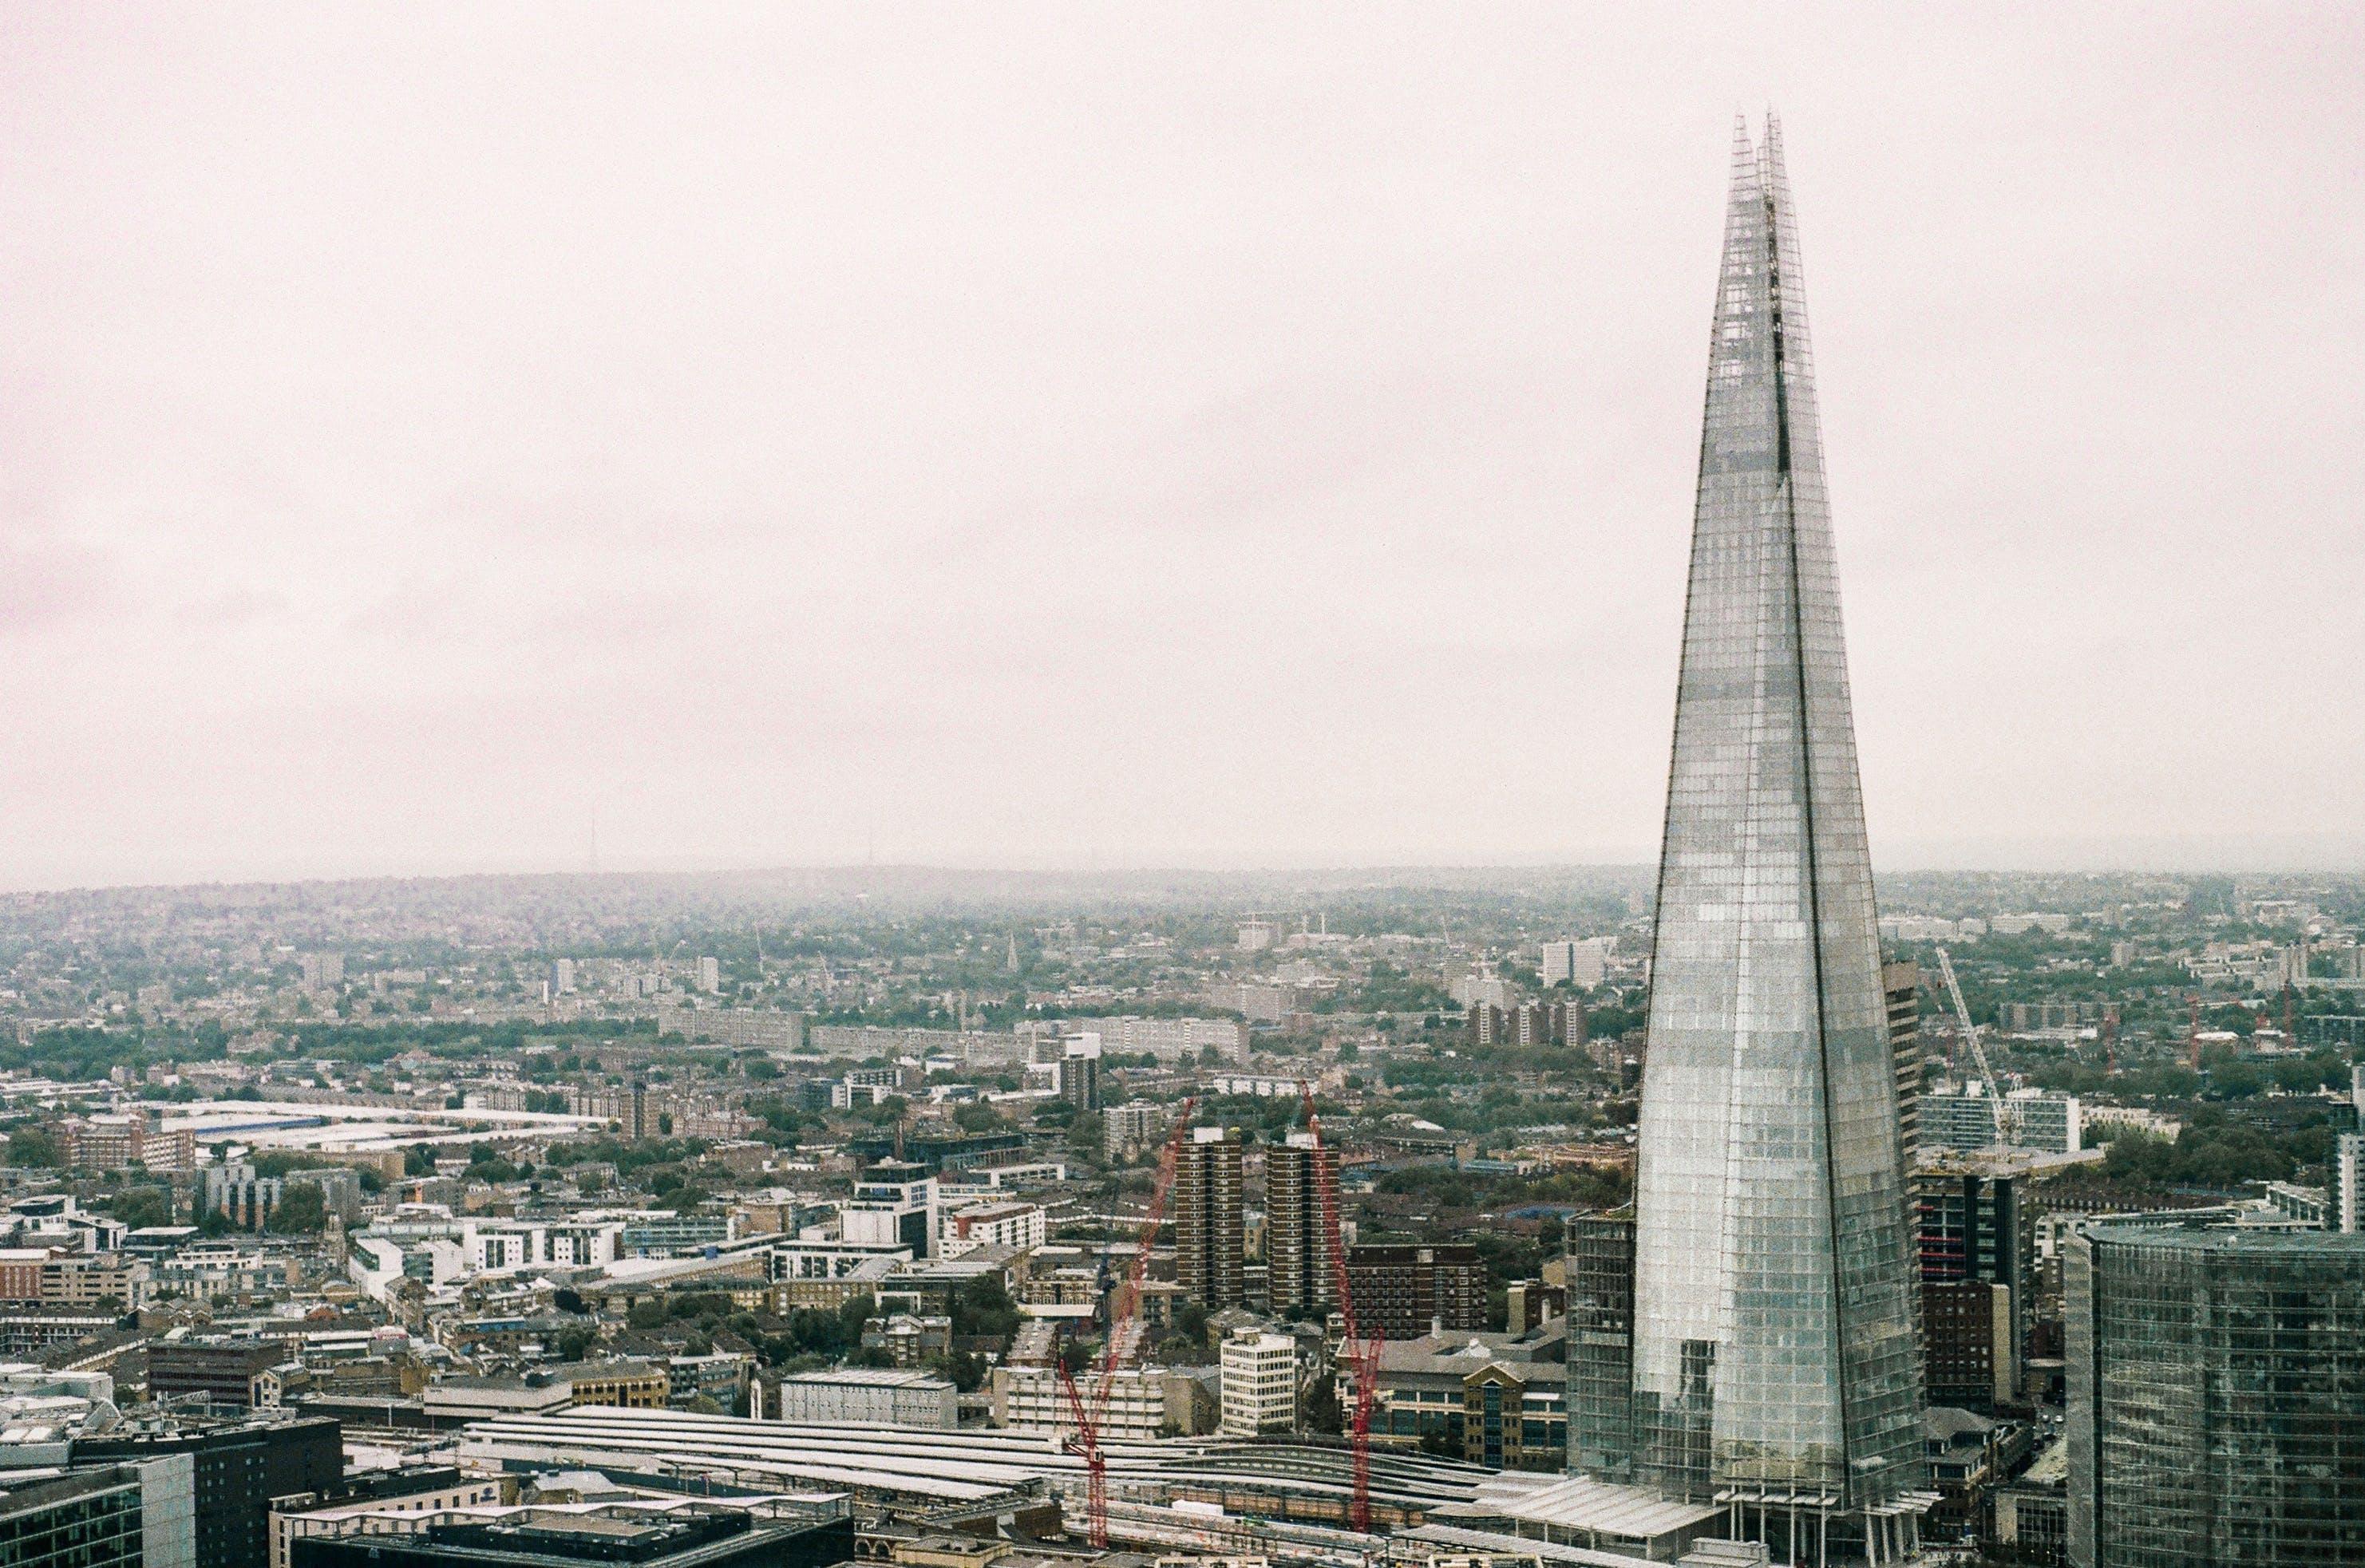 イギリス, ガラス, シティ, シャードの無料の写真素材